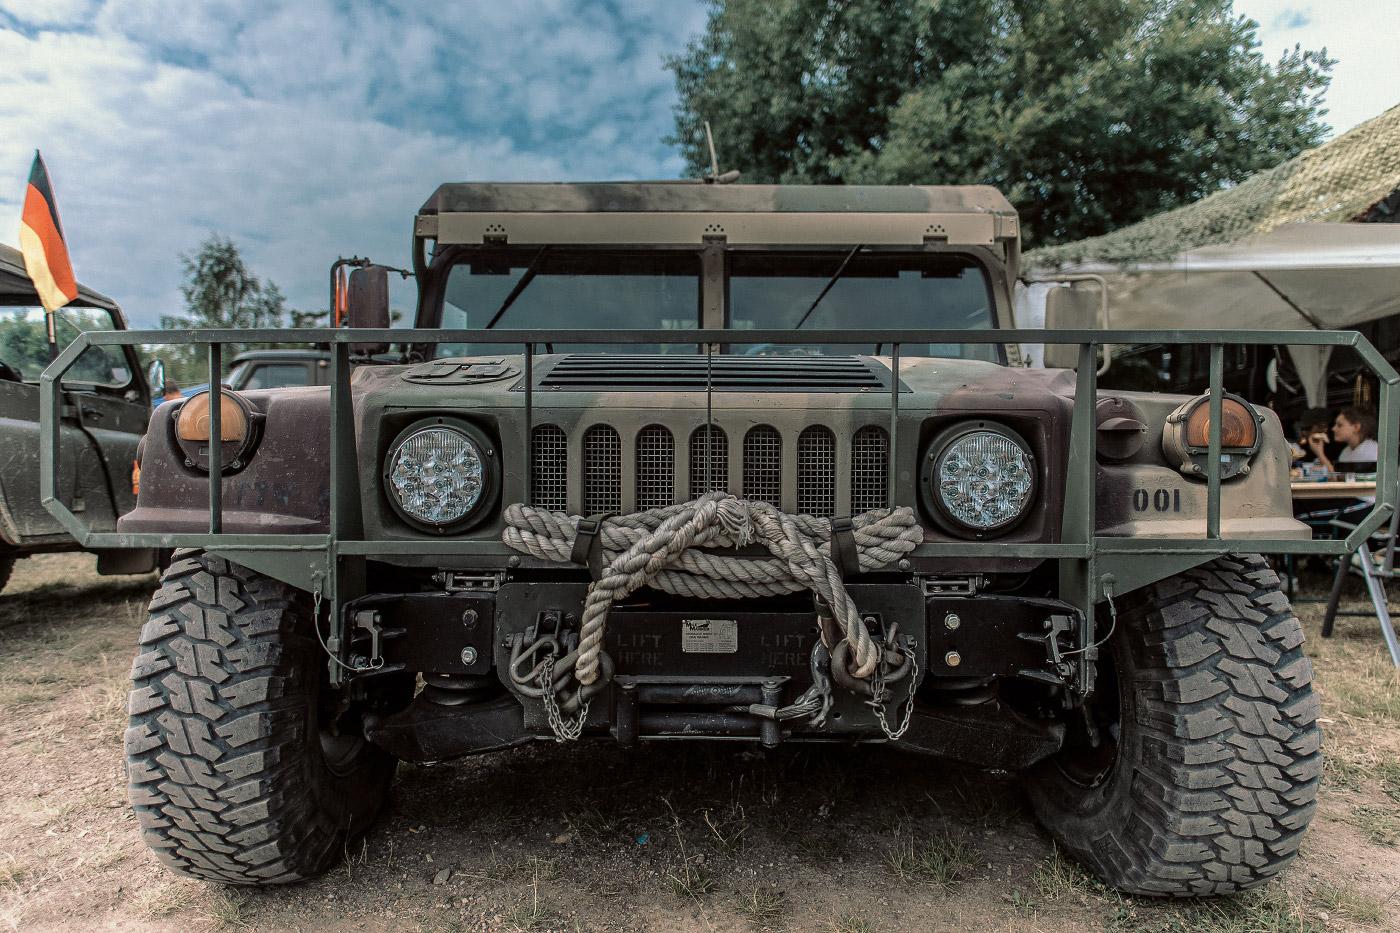 Panzertreffen 2018, HMMWV (Humvee)